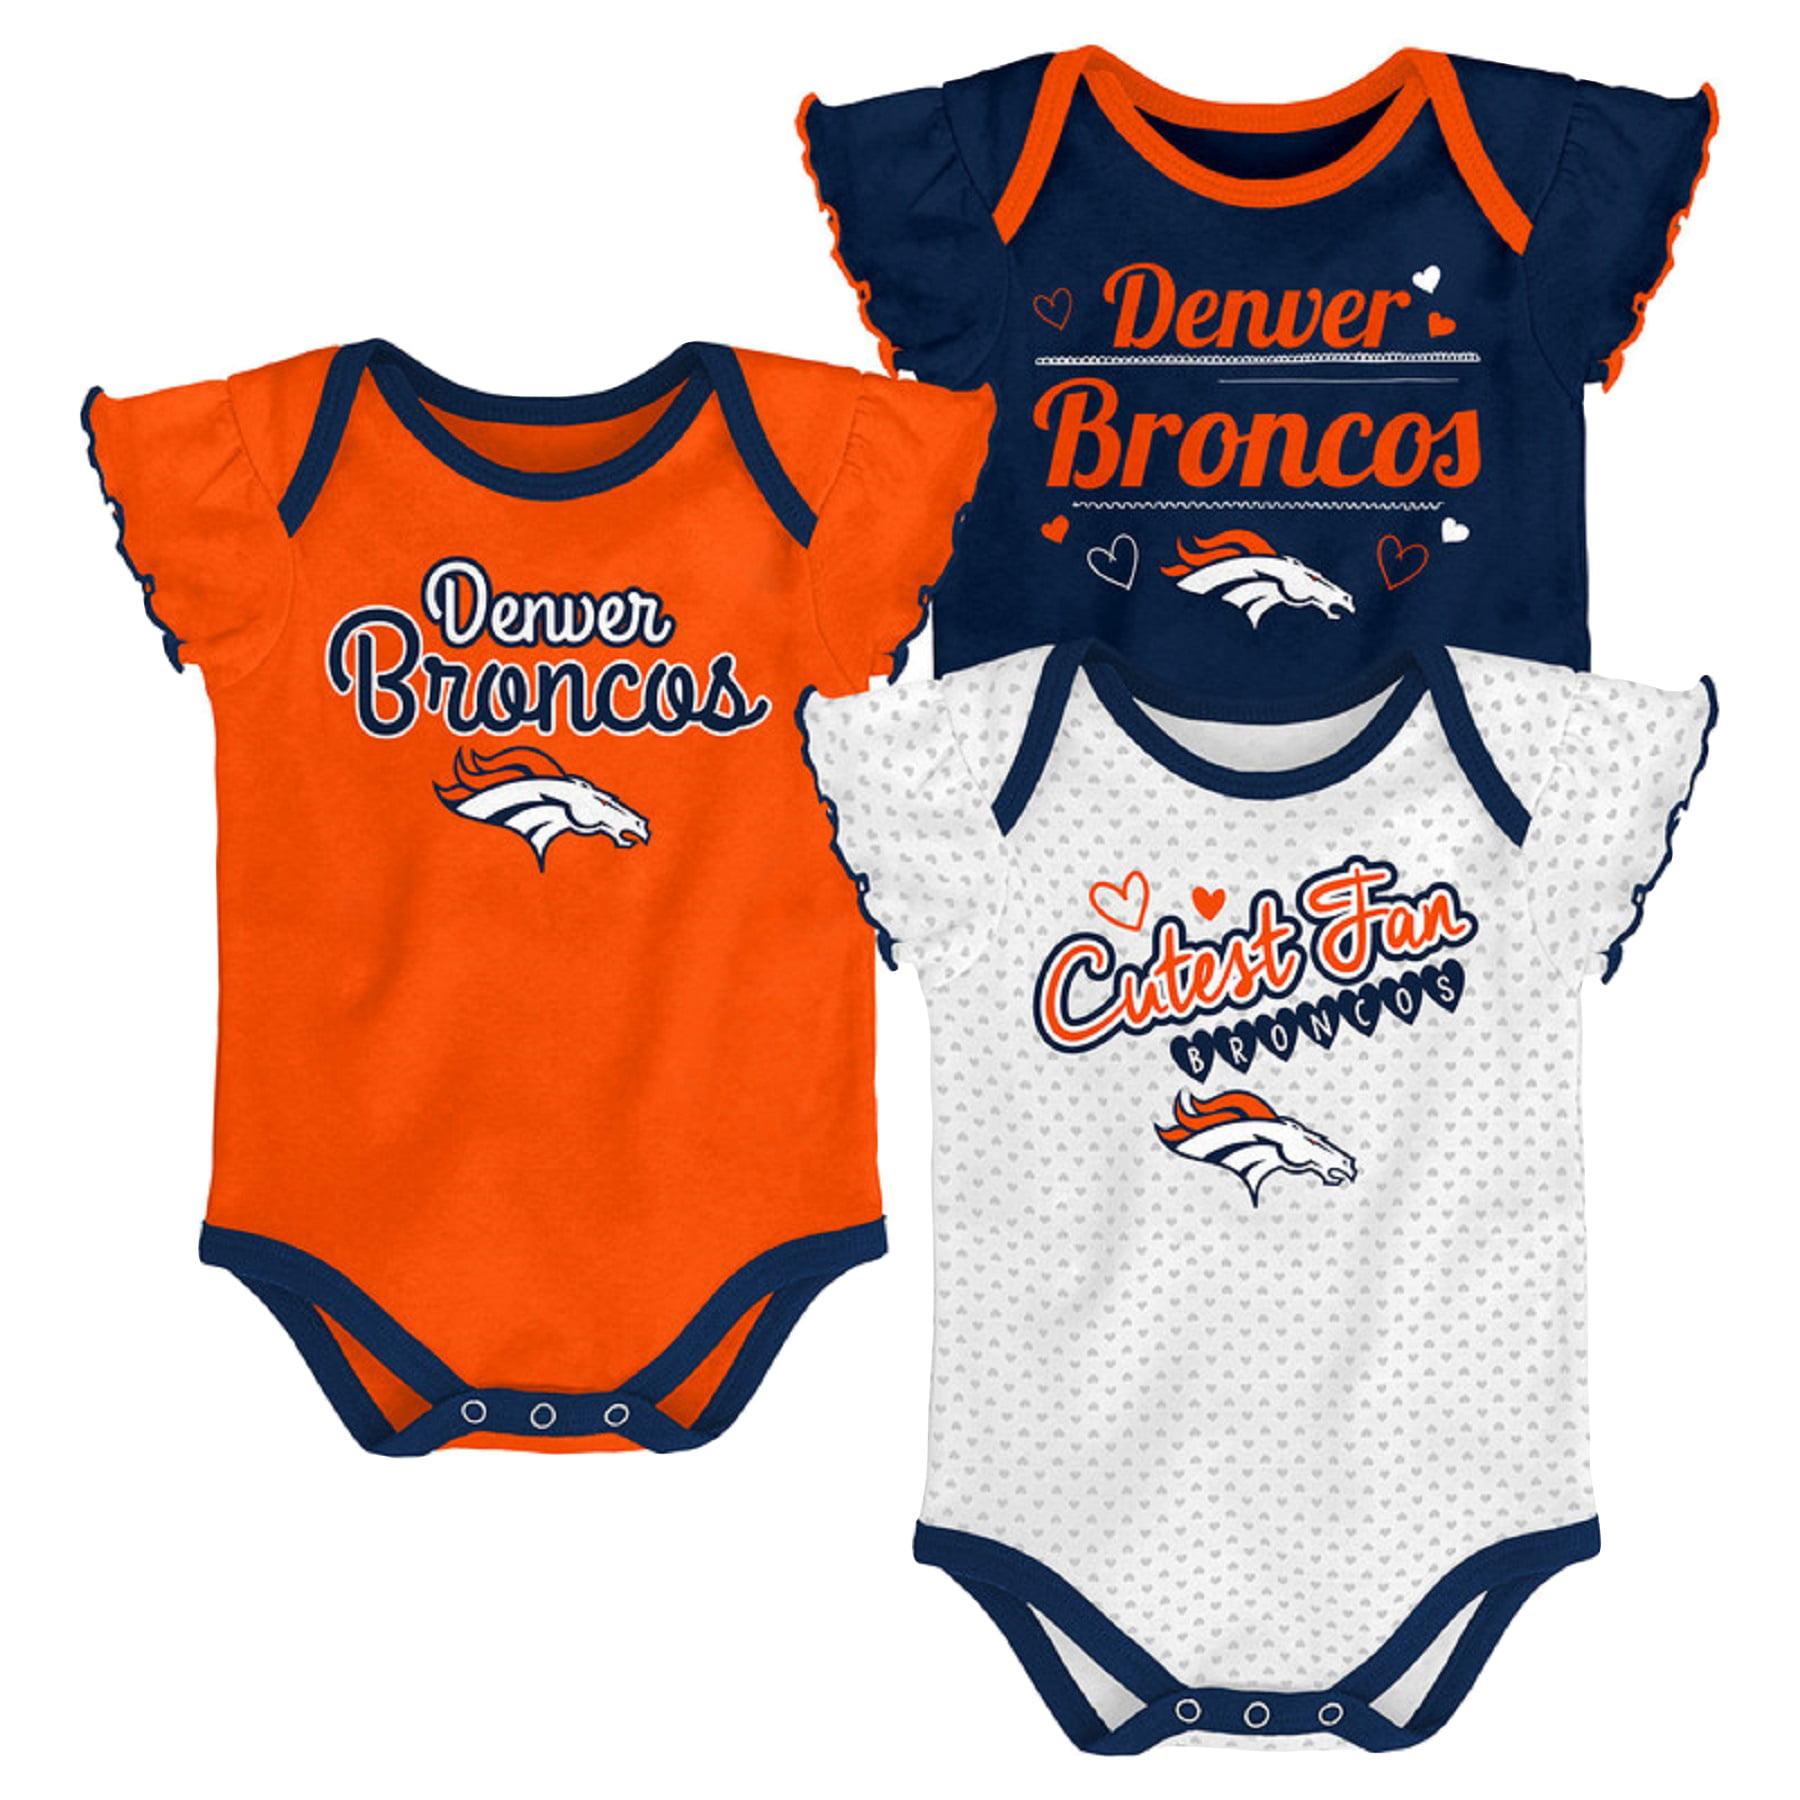 Girls Newborn & Infant Navy/Orange/White Denver Broncos 3-Pack Bodysuit Set